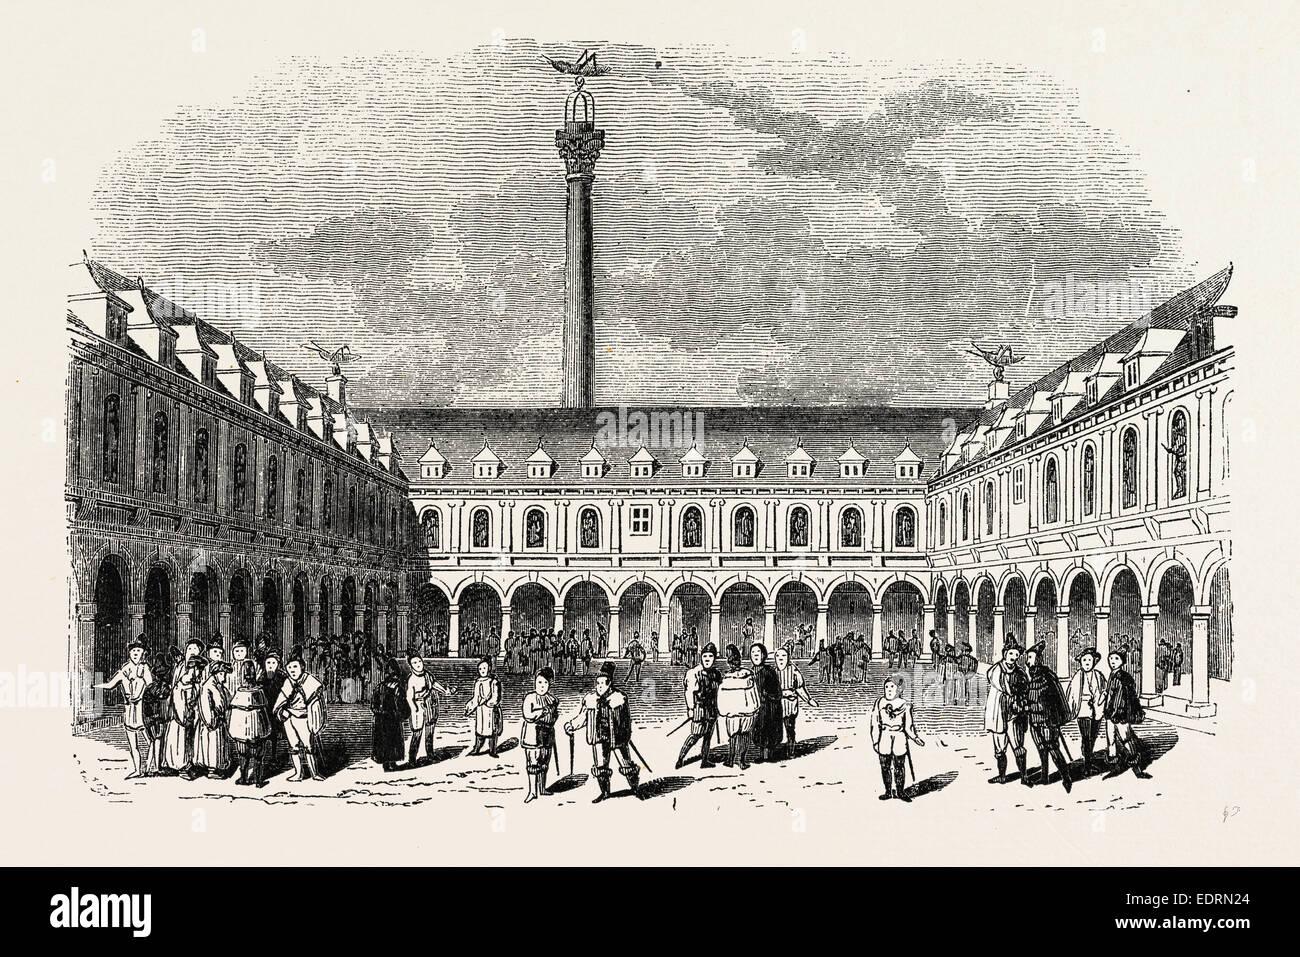 Sir Thomas Gresham's Exchange, London, England, engraving 19th century, Britain, UK - Stock Image